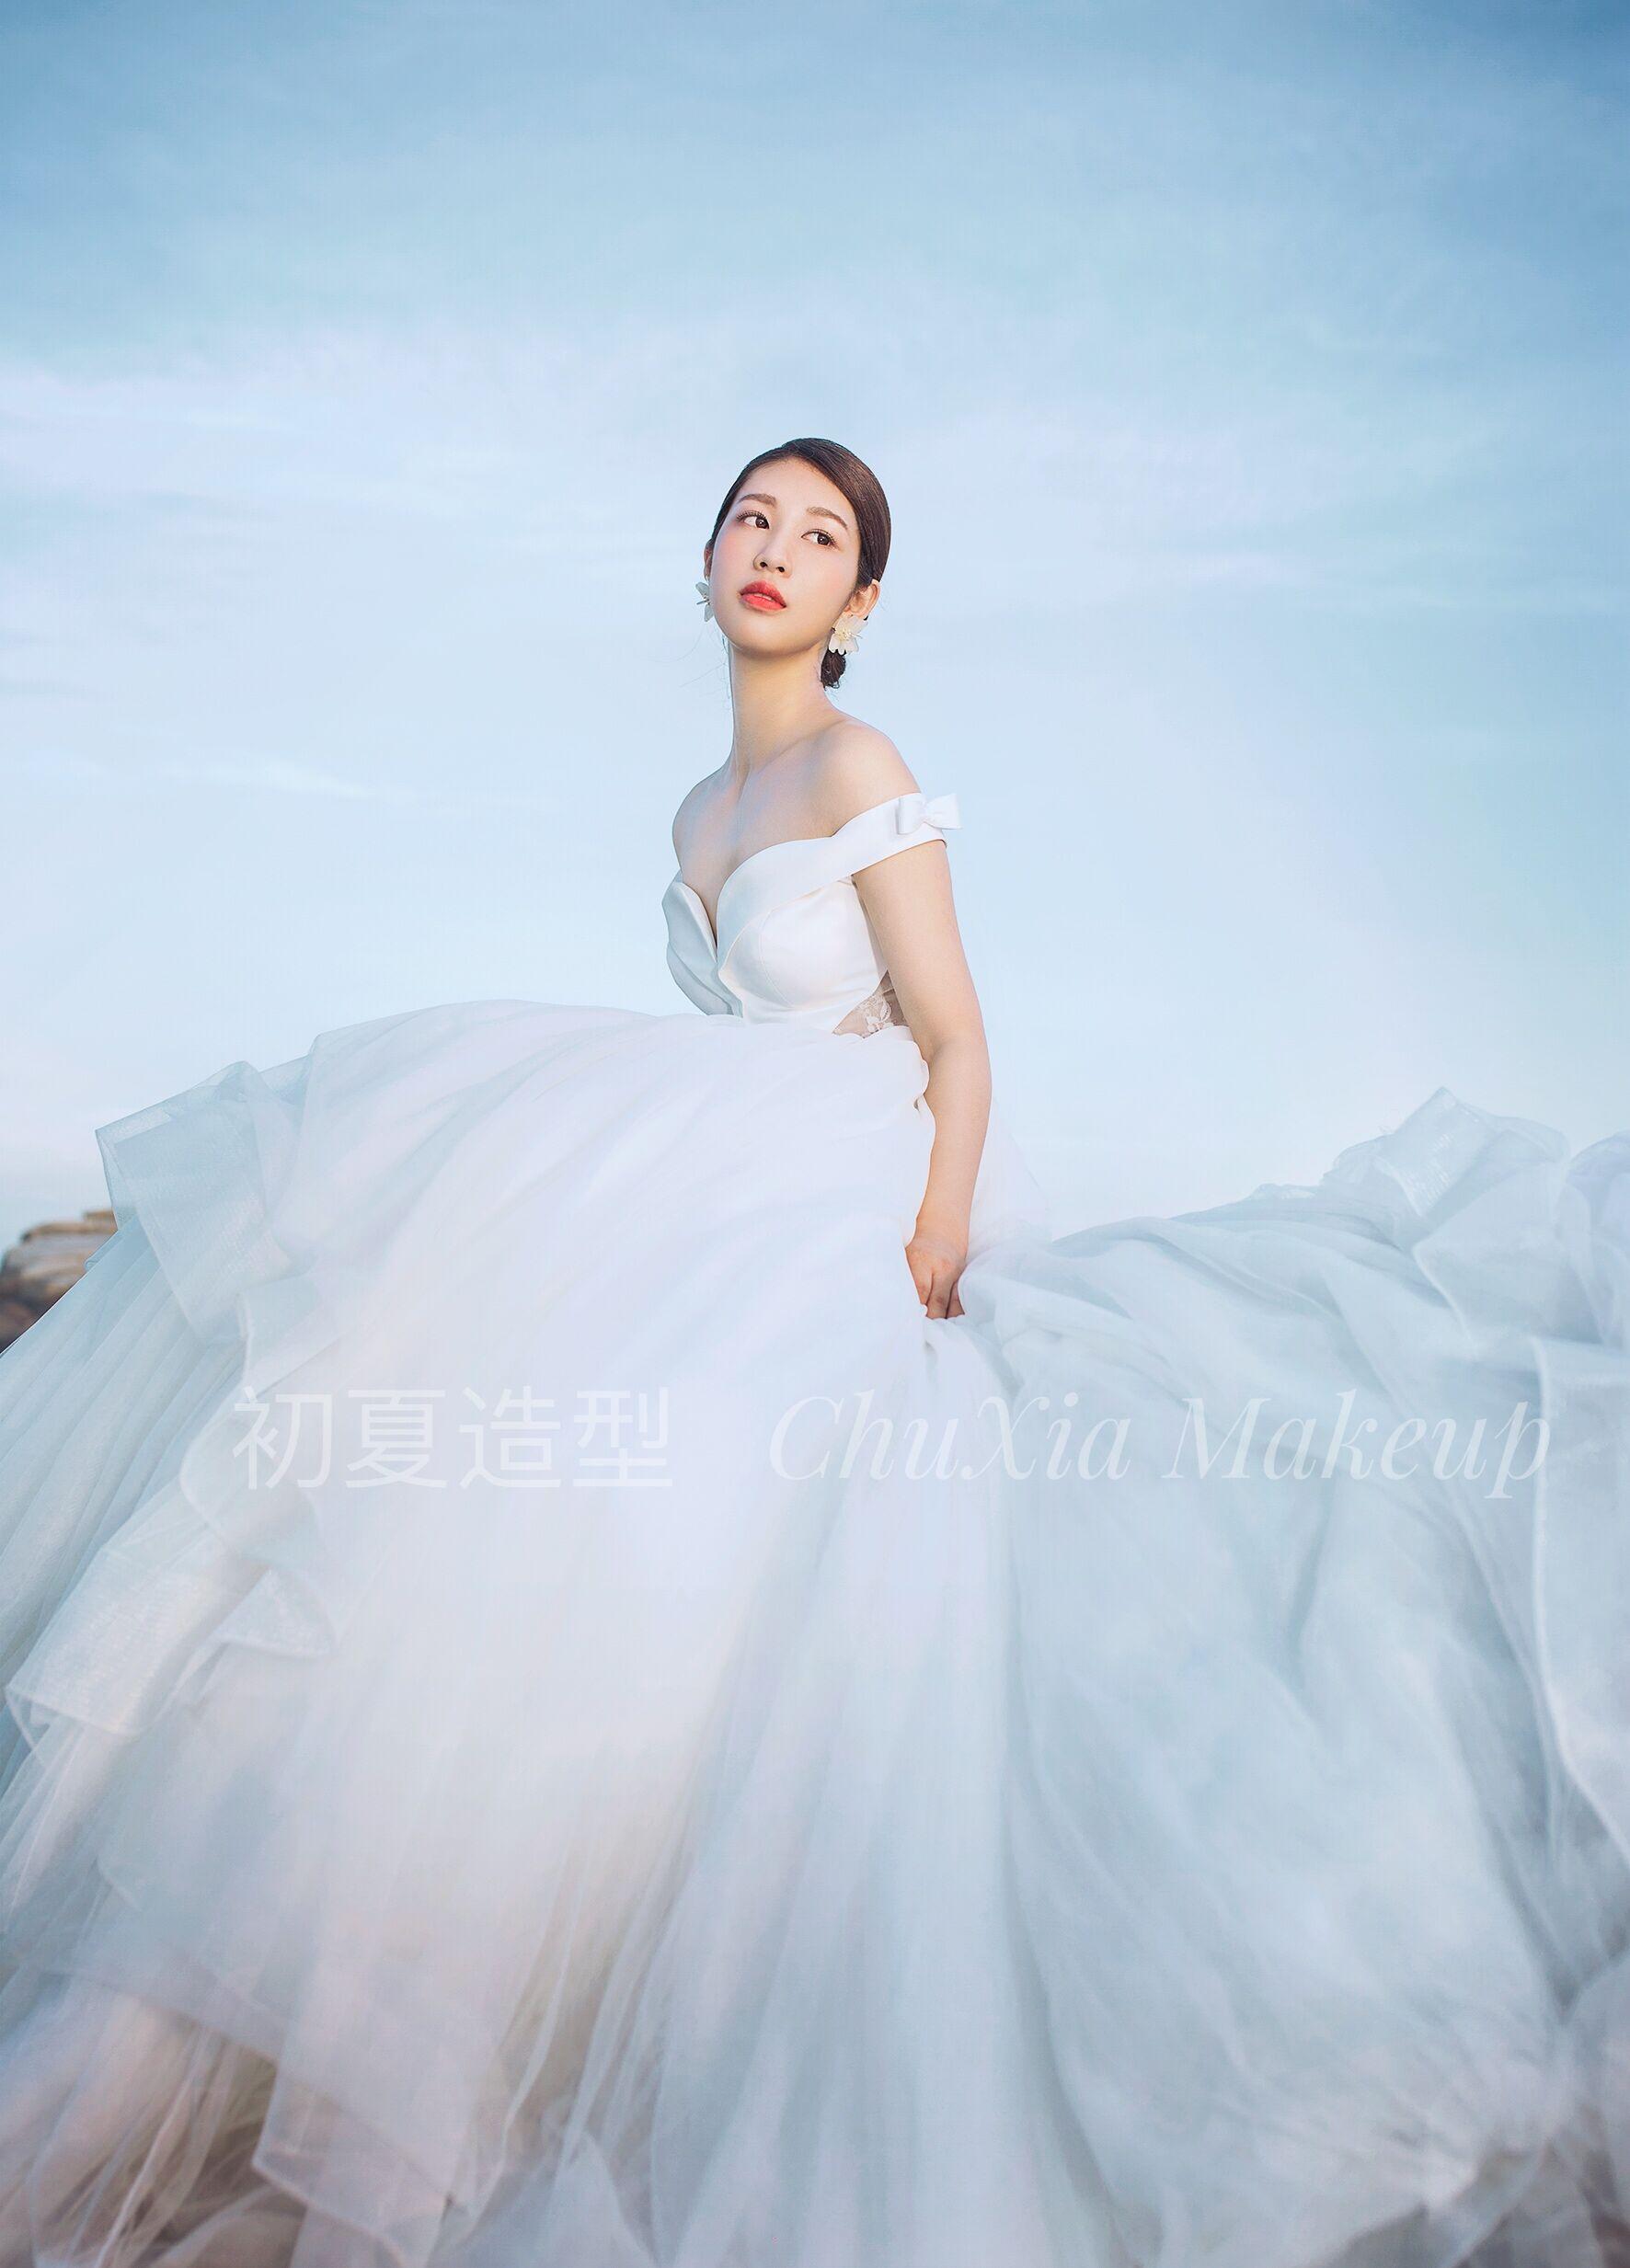 初夏新娘跟妆,以下客照。